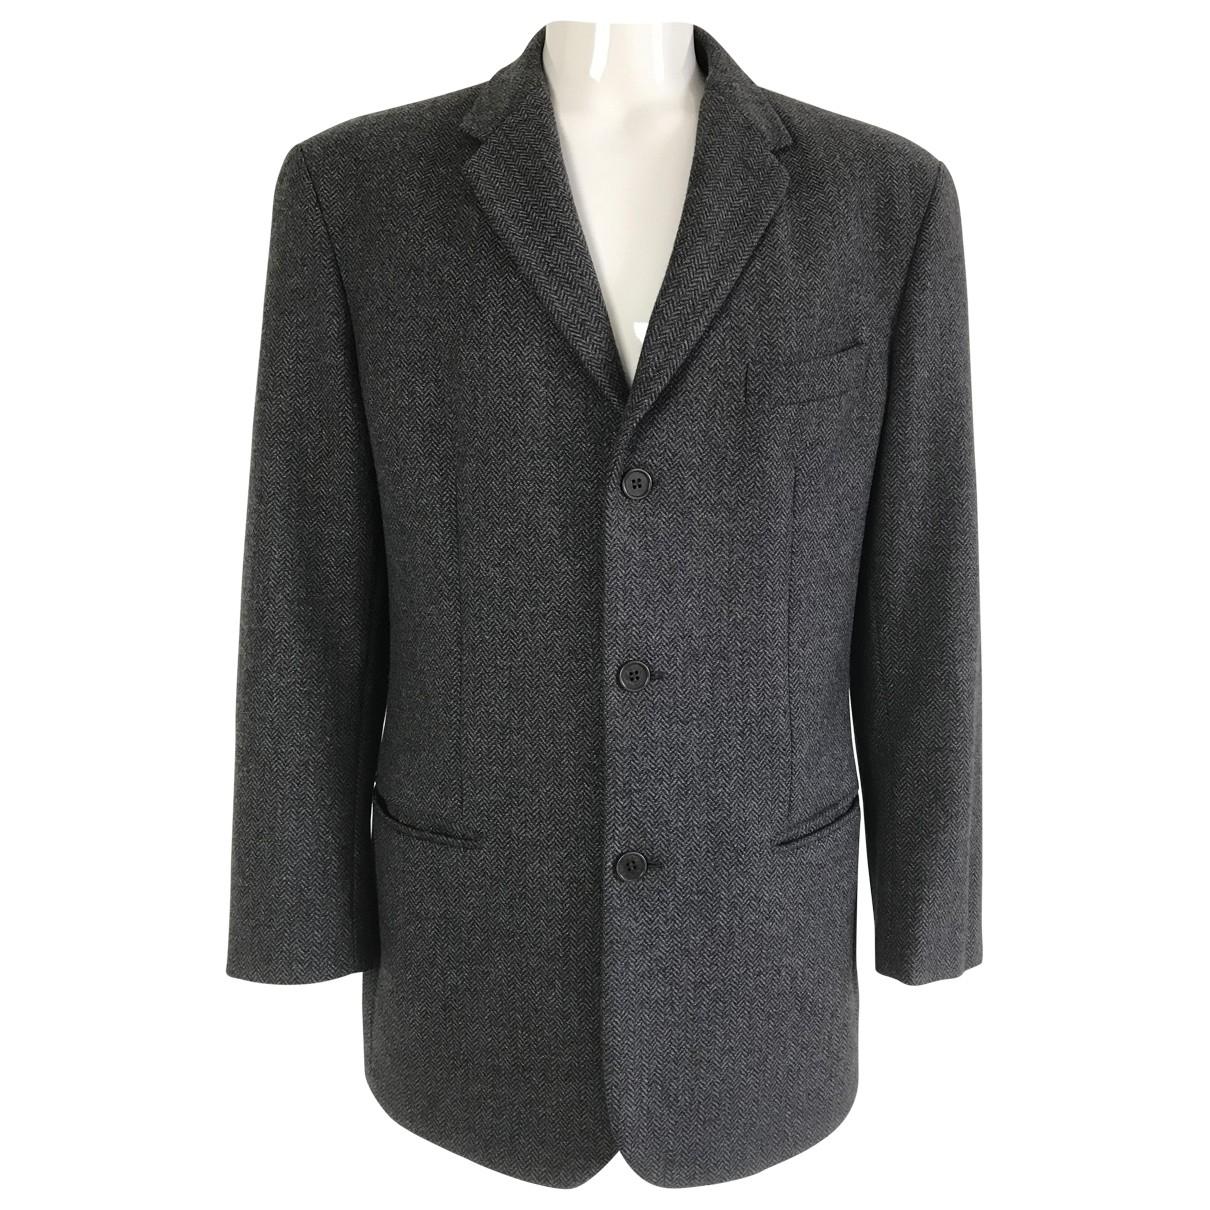 Emporio Armani - Vestes.Blousons   pour homme en laine - gris